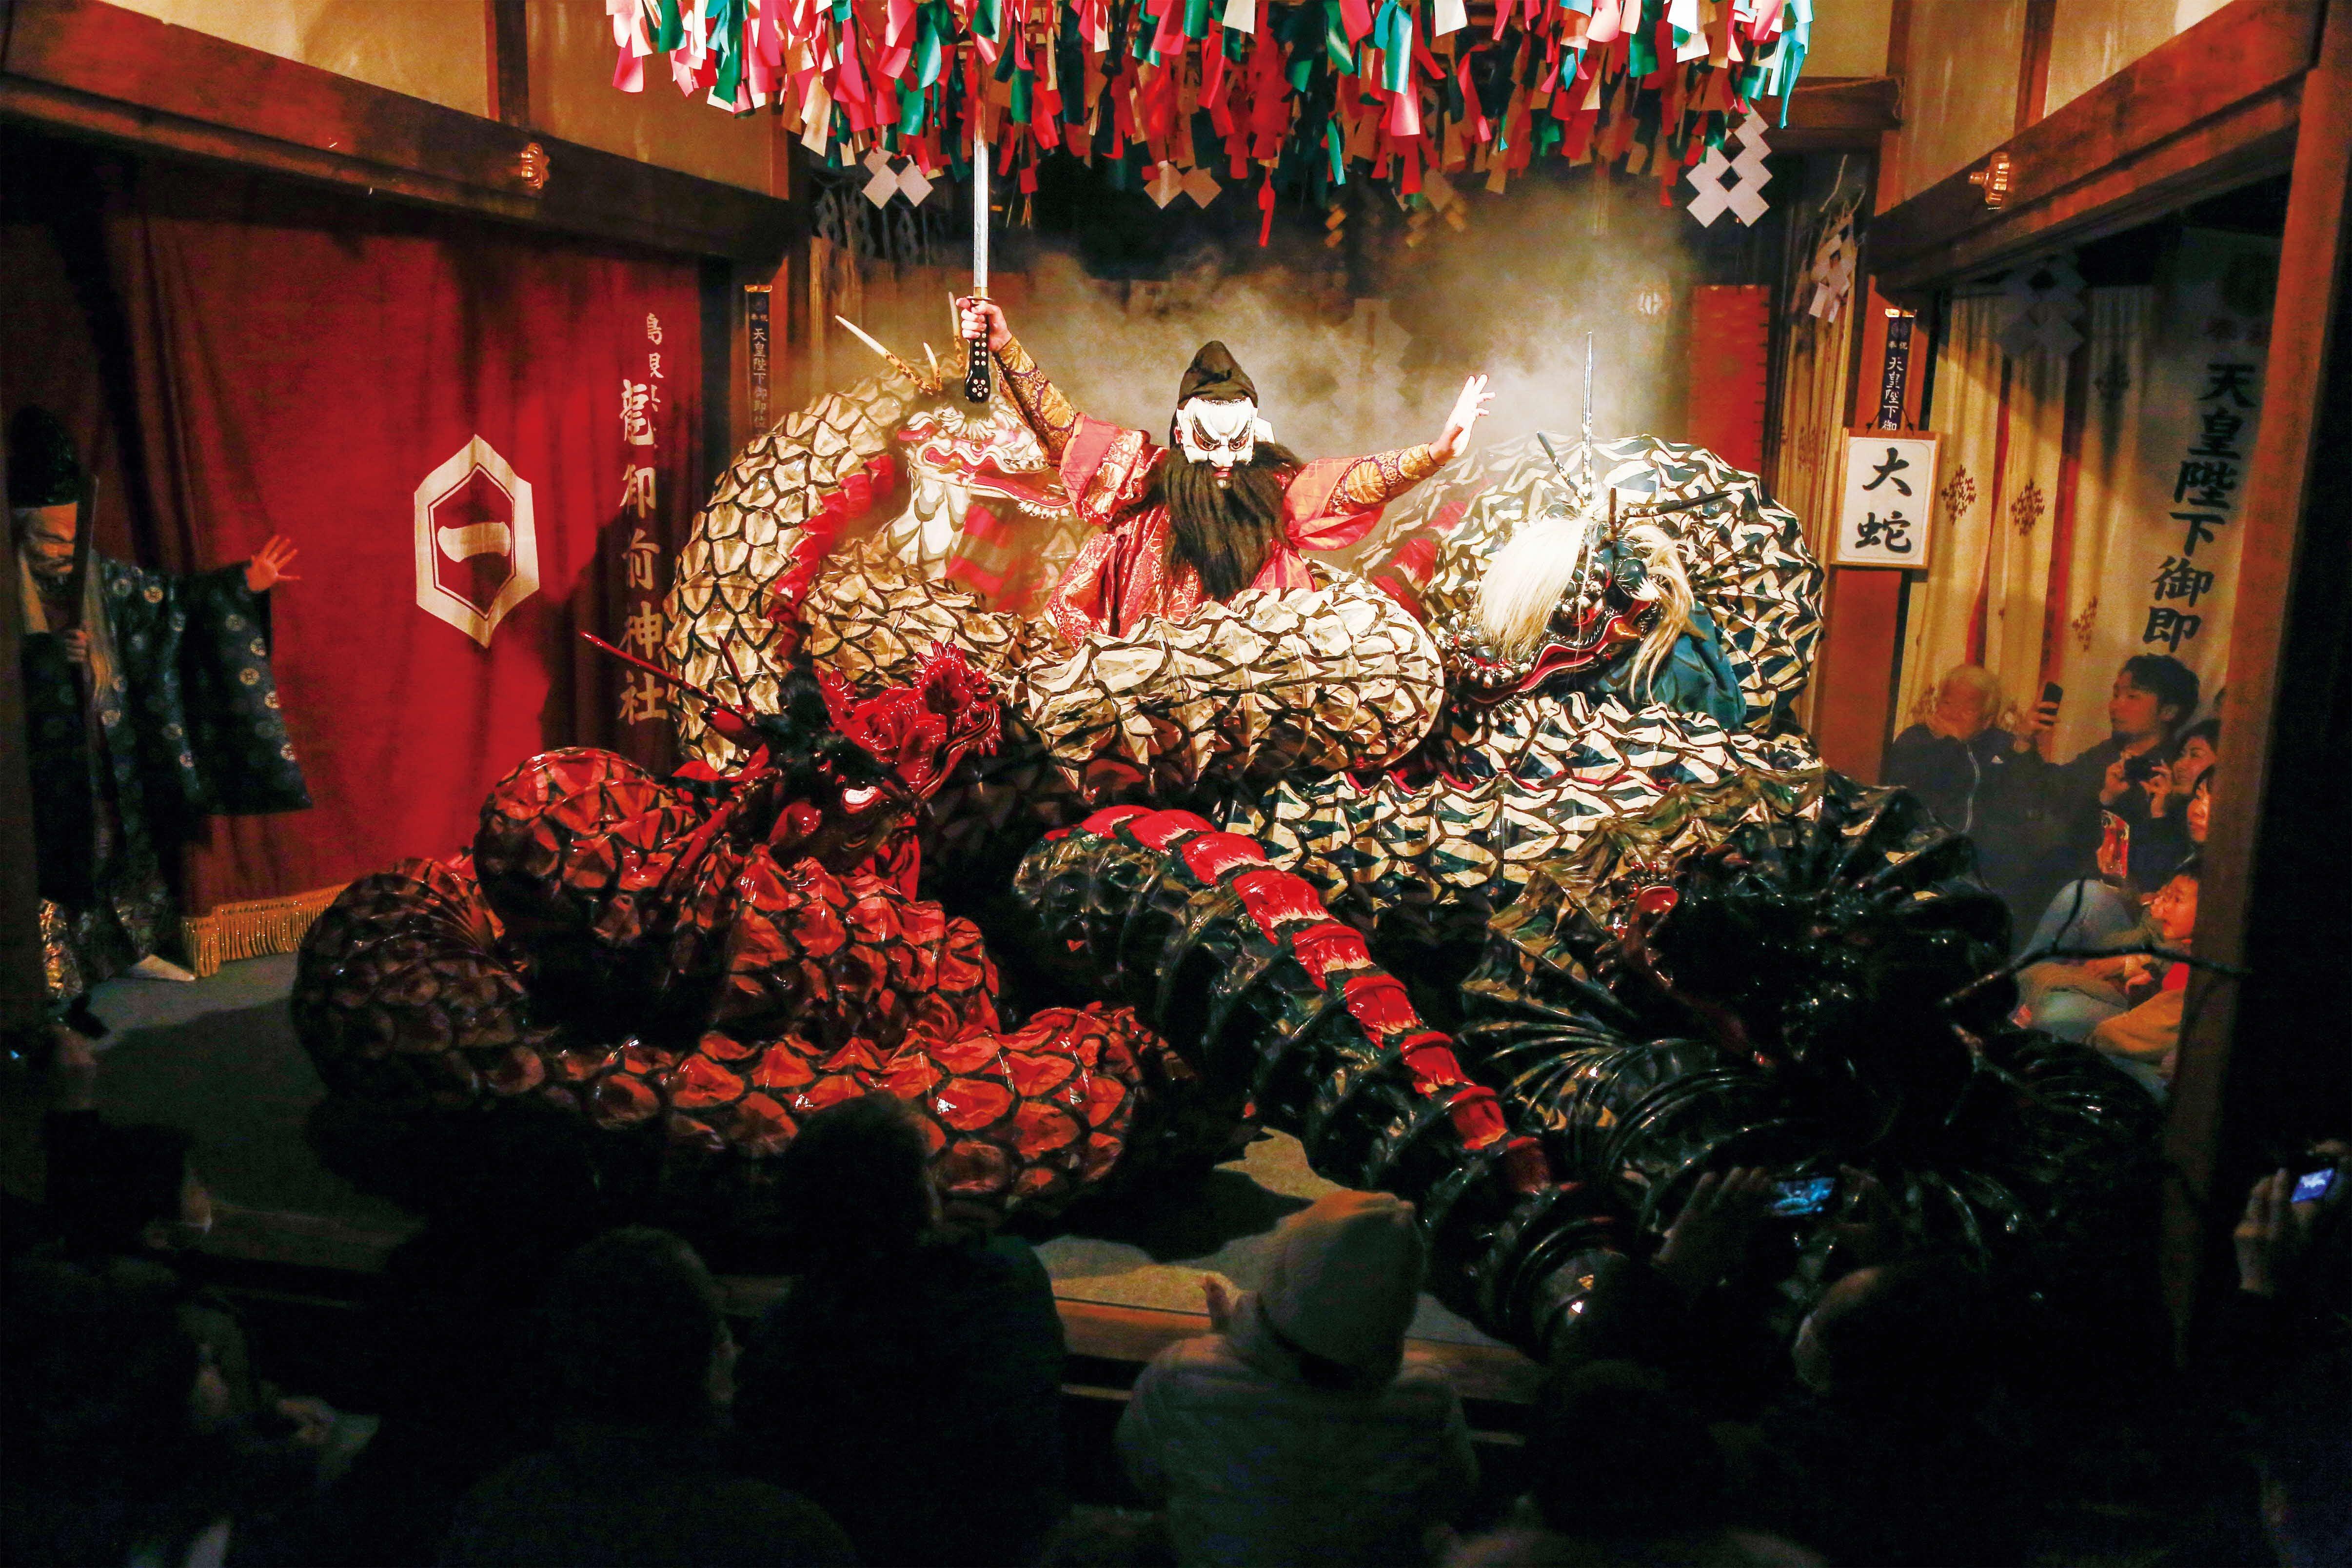 オンライン講座で学ぶ島根県の日本遺産<br>未来へと生き続ける伝統芸能「石見神楽」